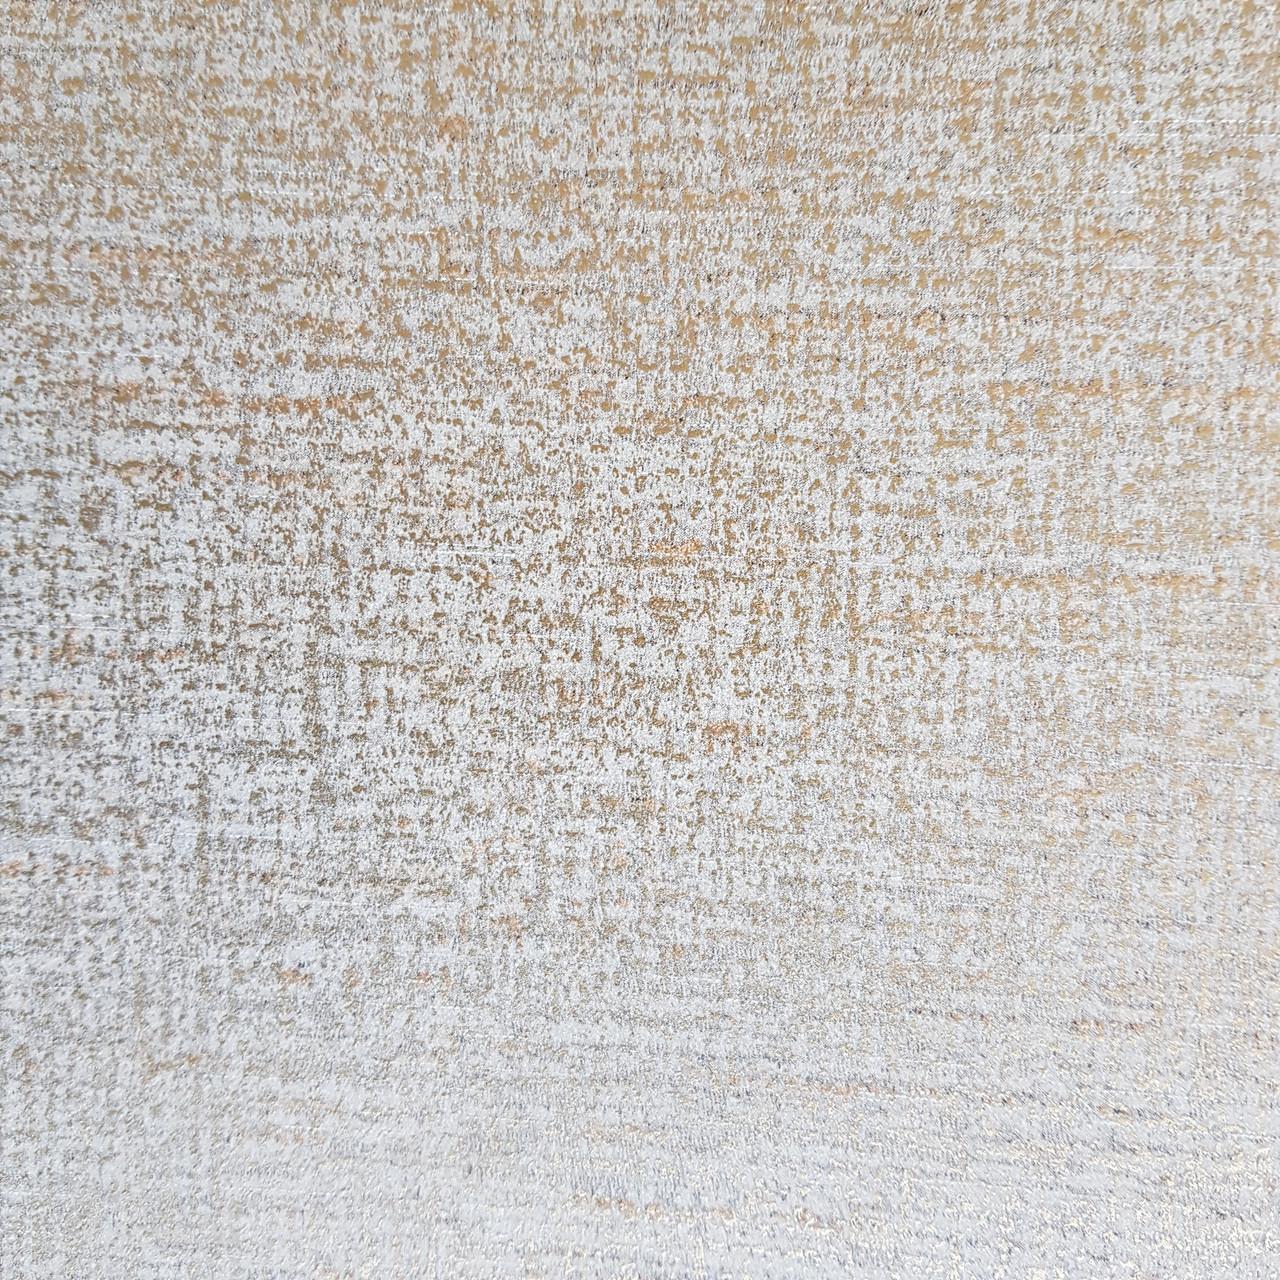 Обои флизелиновые эко Galerie Metallic FX 0,53Х10 англия полоски горизонтальные размытые золотистые серые